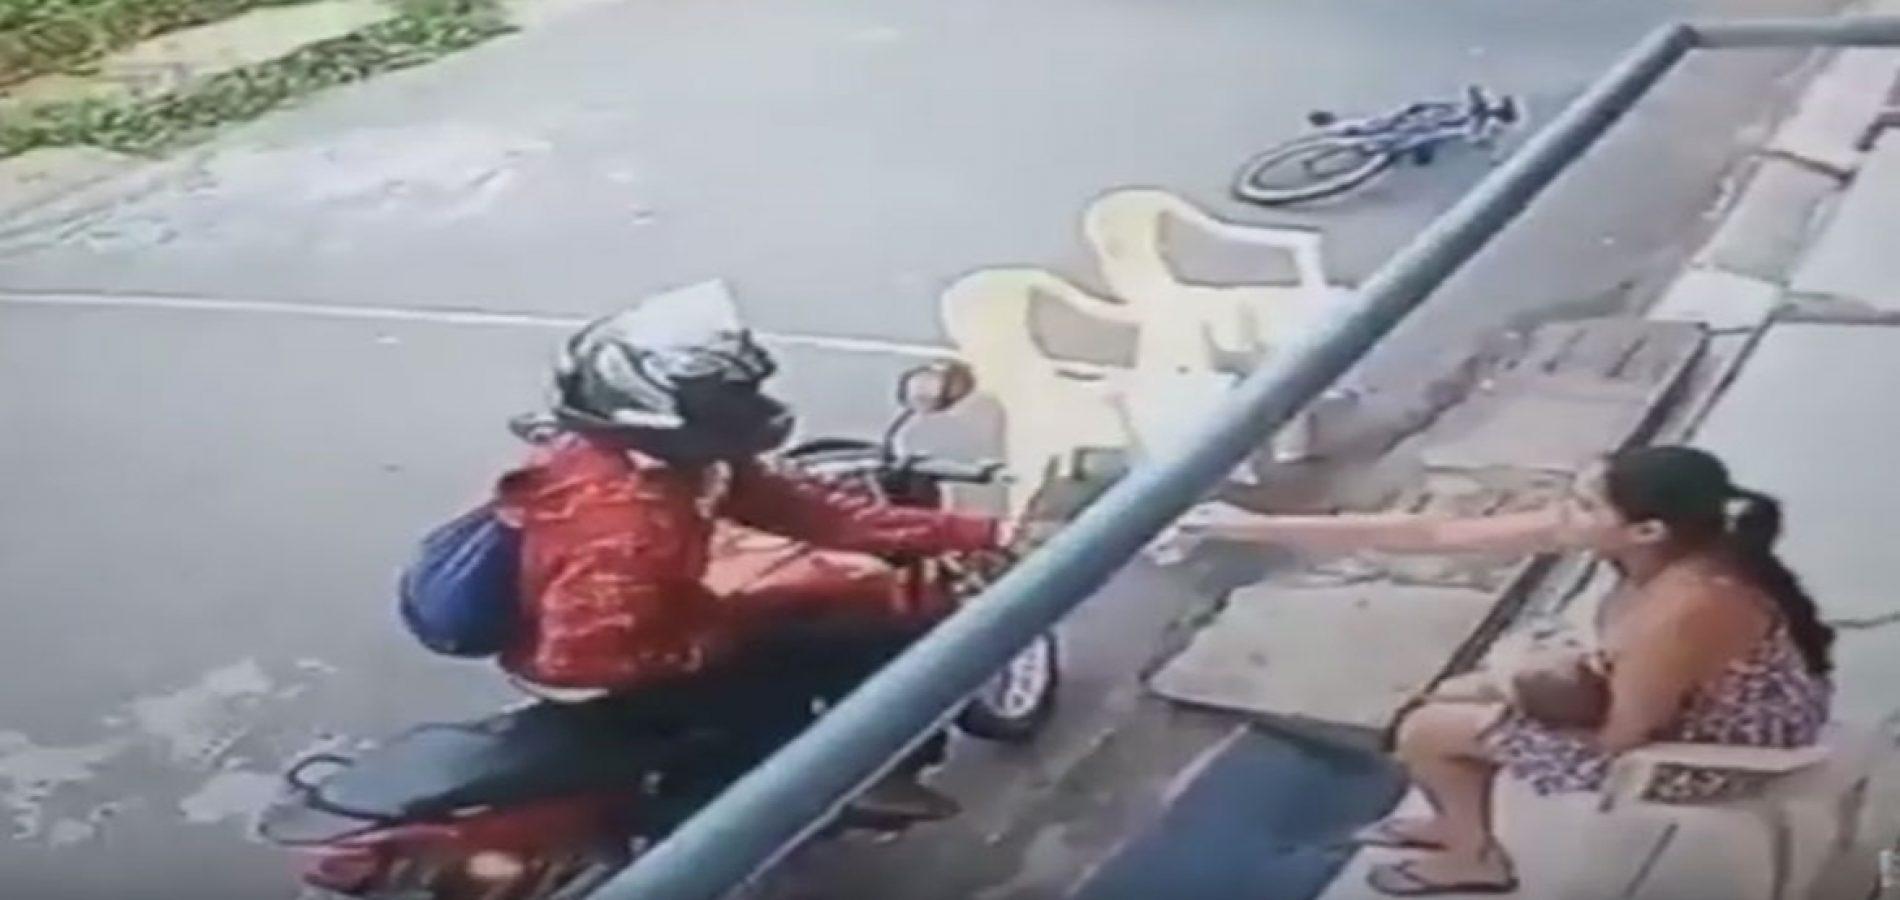 Mãe amamentando é assaltada na porta de casa e há troca de tiros; assista vídeo